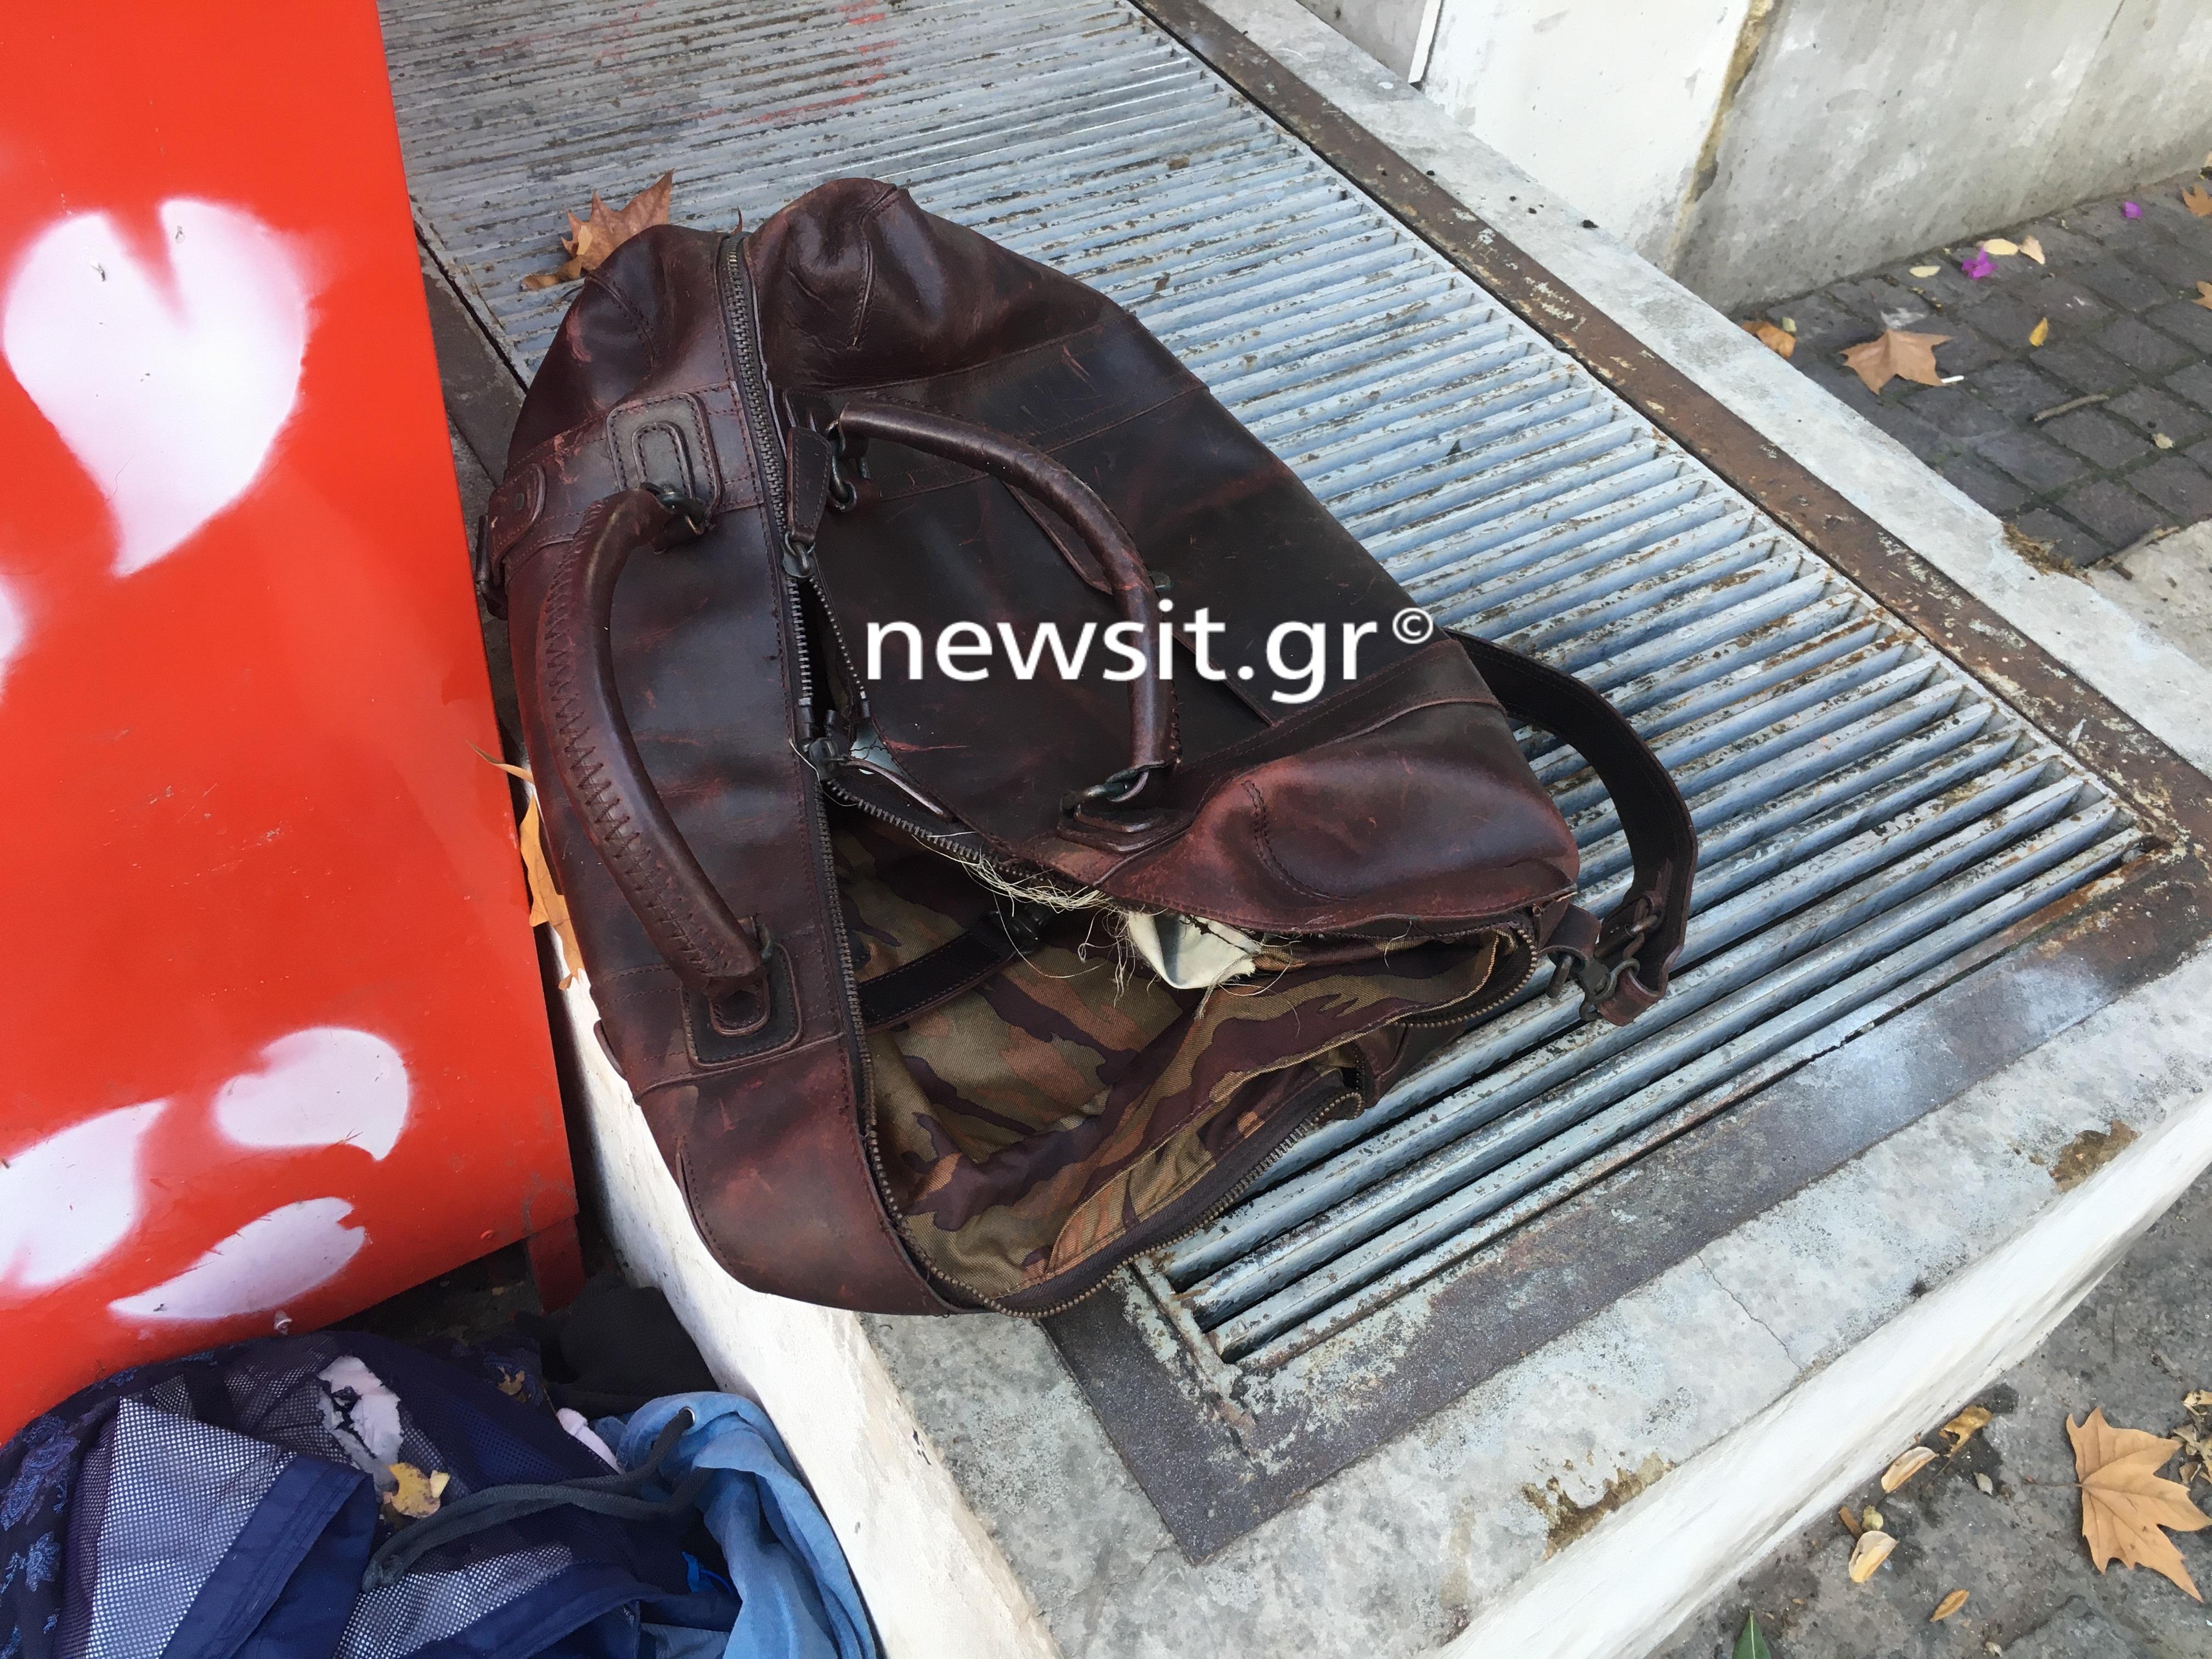 Μια βαλίτσα με ρούχα προκάλεσε πανικό στο Κολωνάκι [Pics]